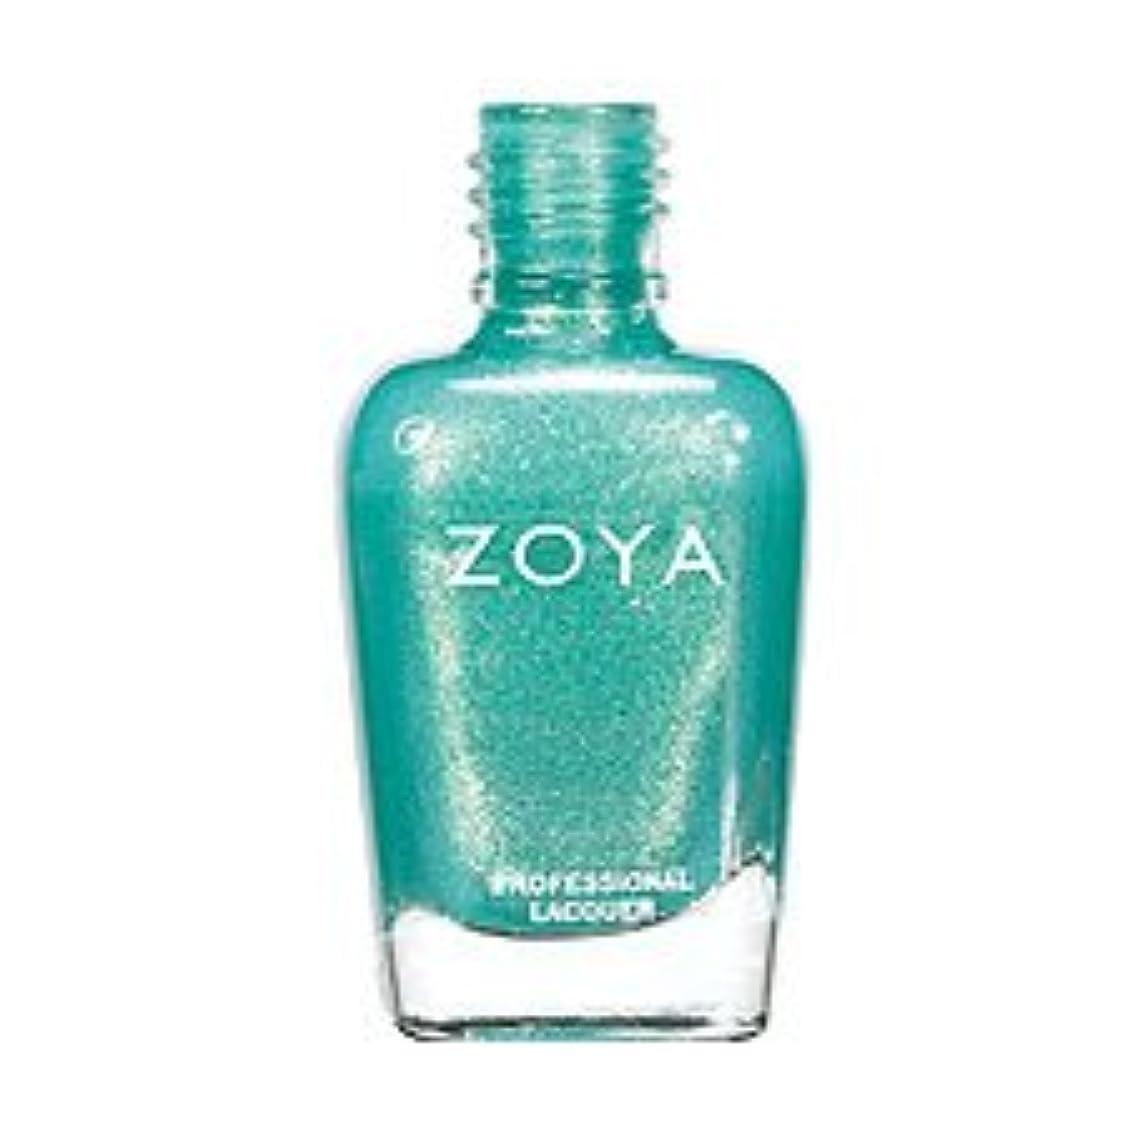 ガレージカーテン進むZoya Vernis à ongles - Zuza ZP625 - Beach and Surf Summer Collection 2012